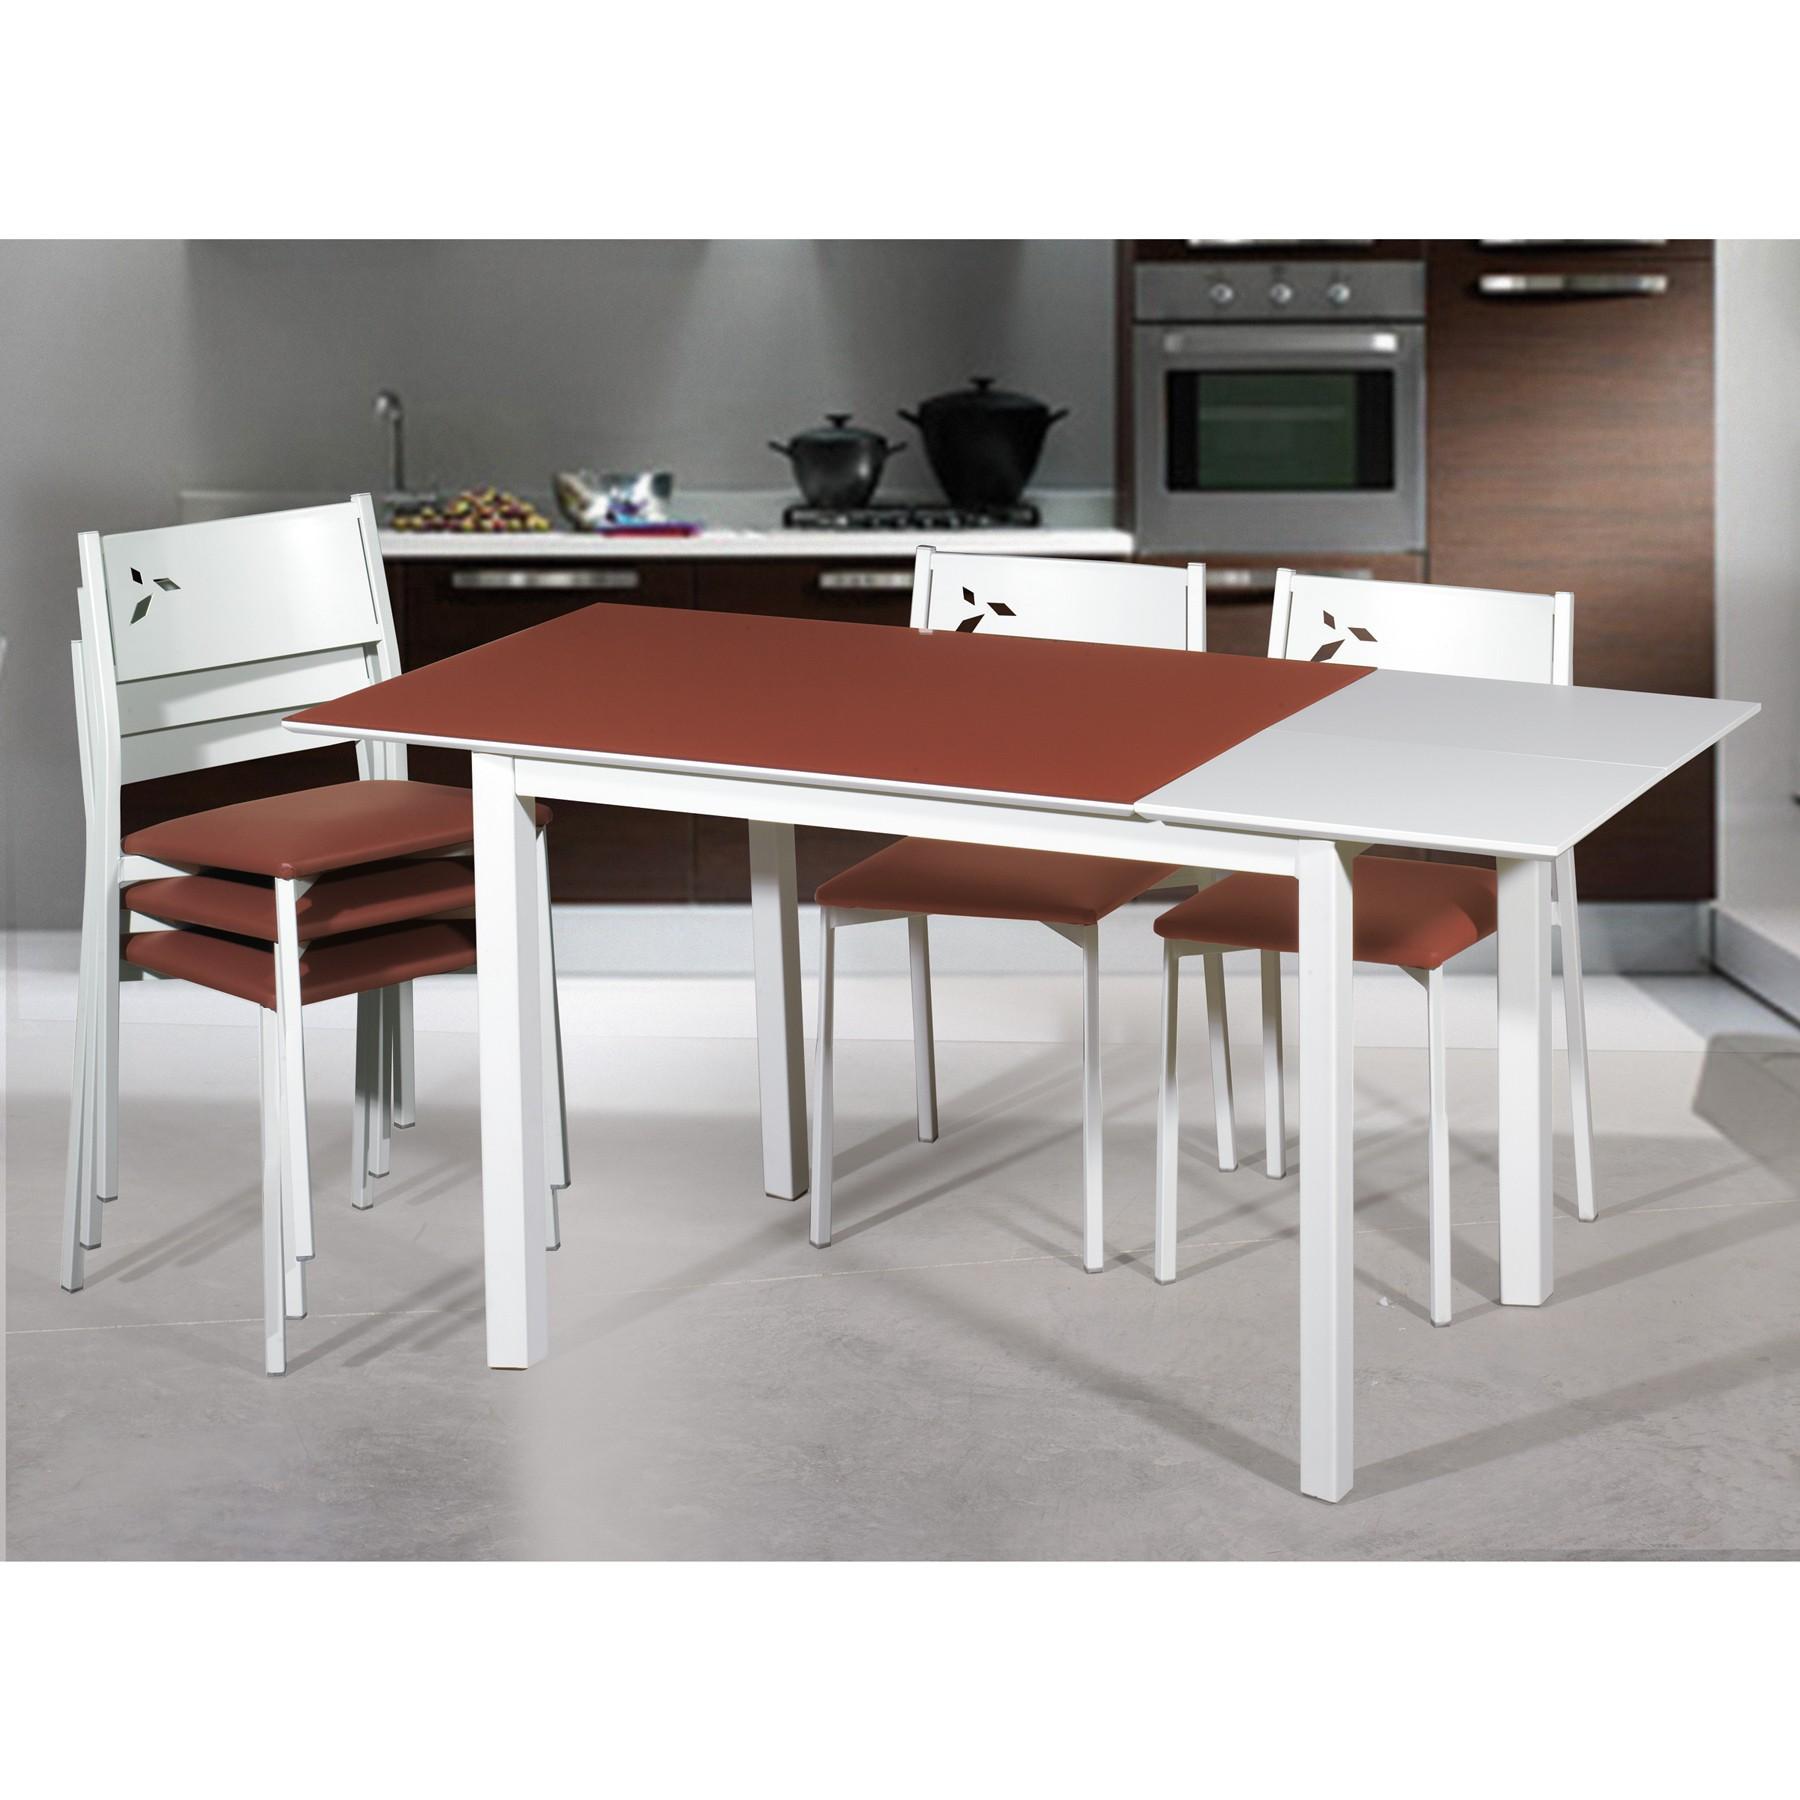 Oferta conjunto mesa y sillas de cocina blancas white for Ofertas en mesas y sillas